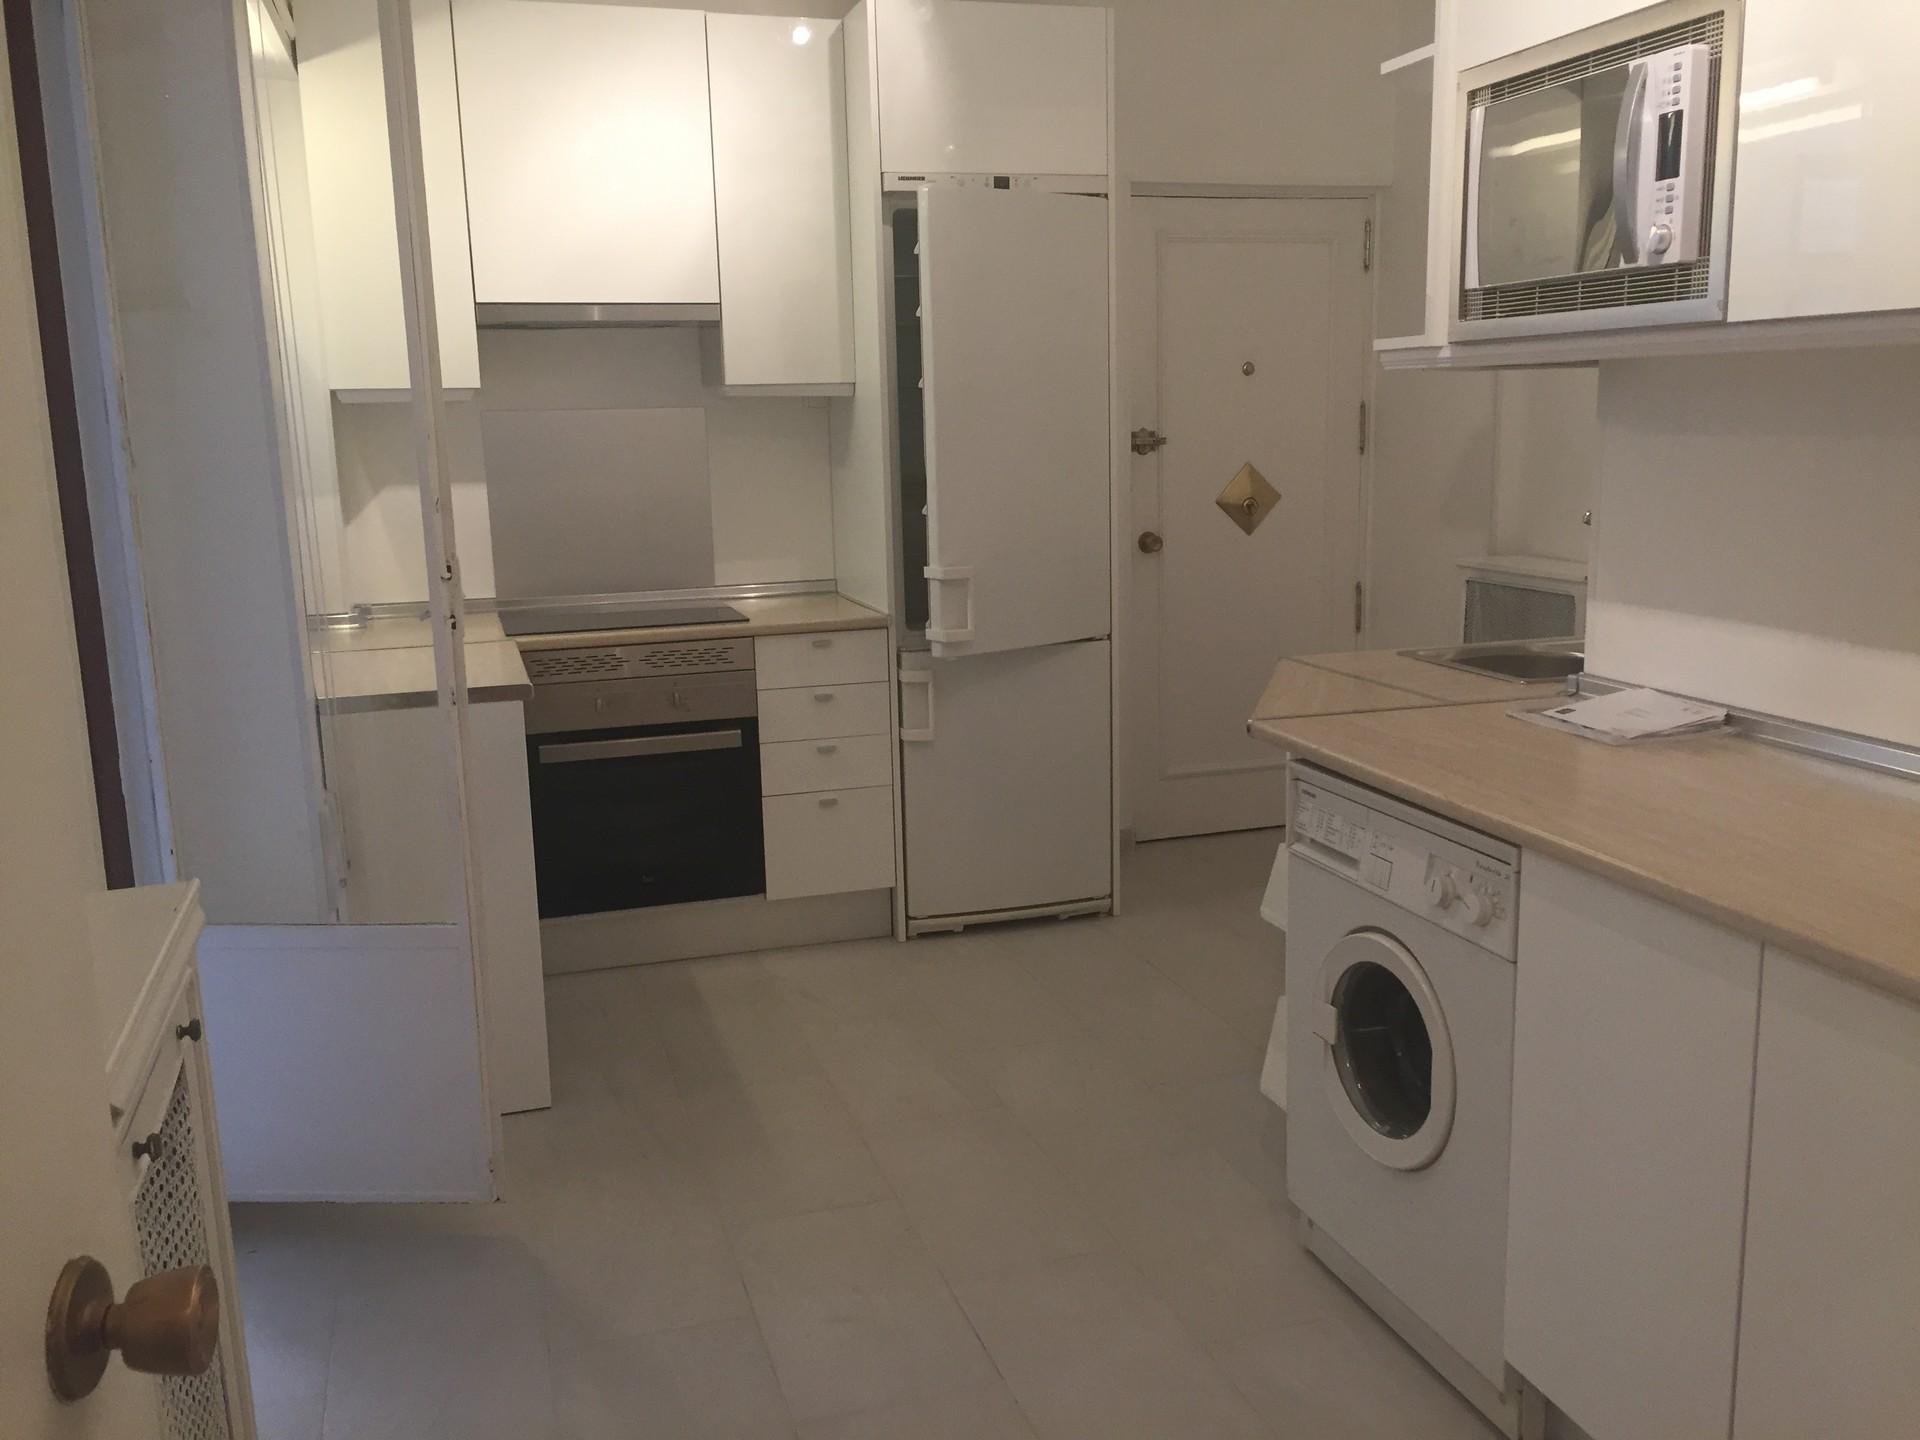 Piso amplio y en excelente zona alquiler pisos madrid - Pisos alquiler zona sur madrid ...